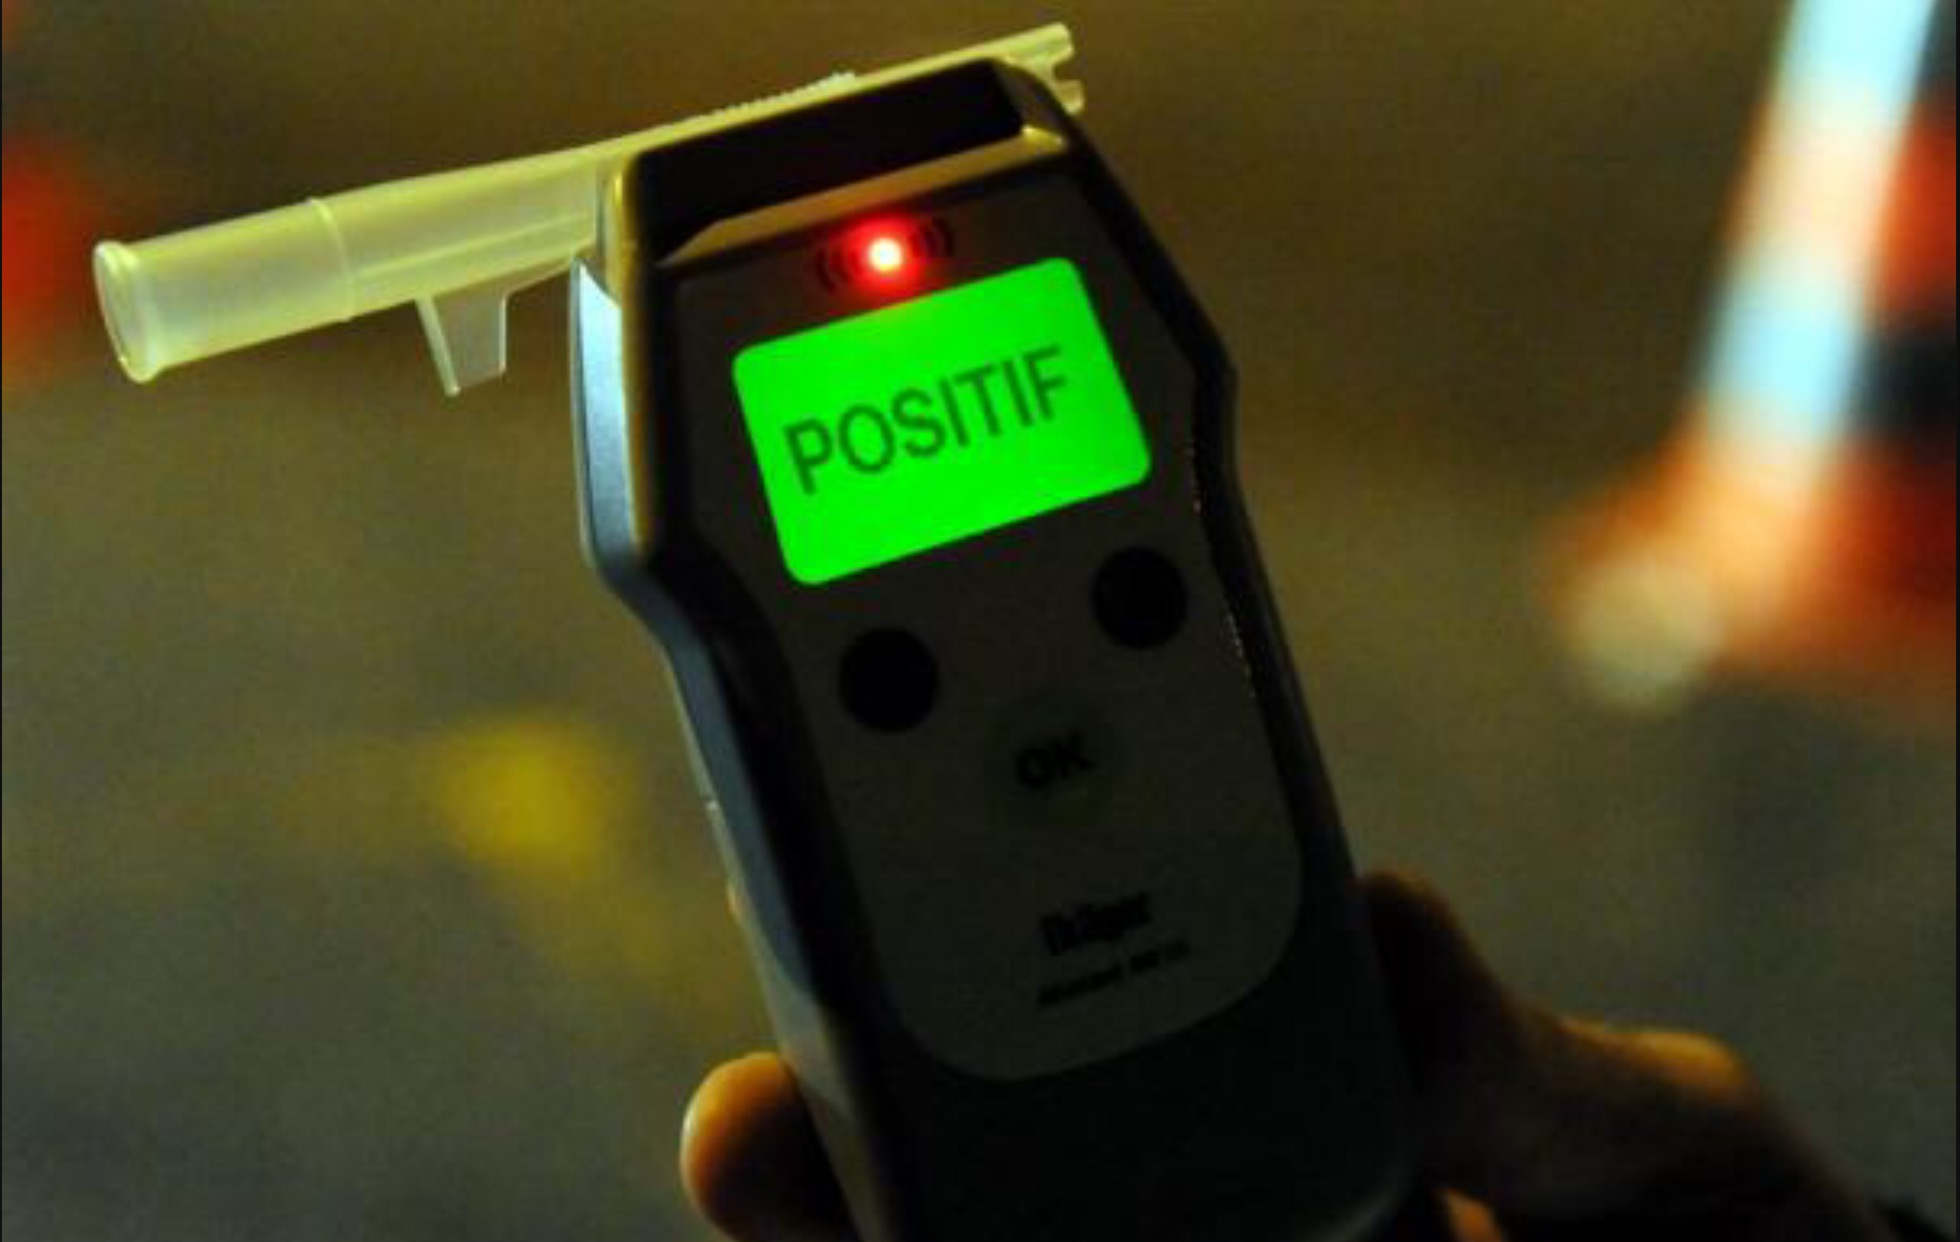 Le conducteur avait un taux d'alcool supérieur à 1 g dans le sang - Illustration